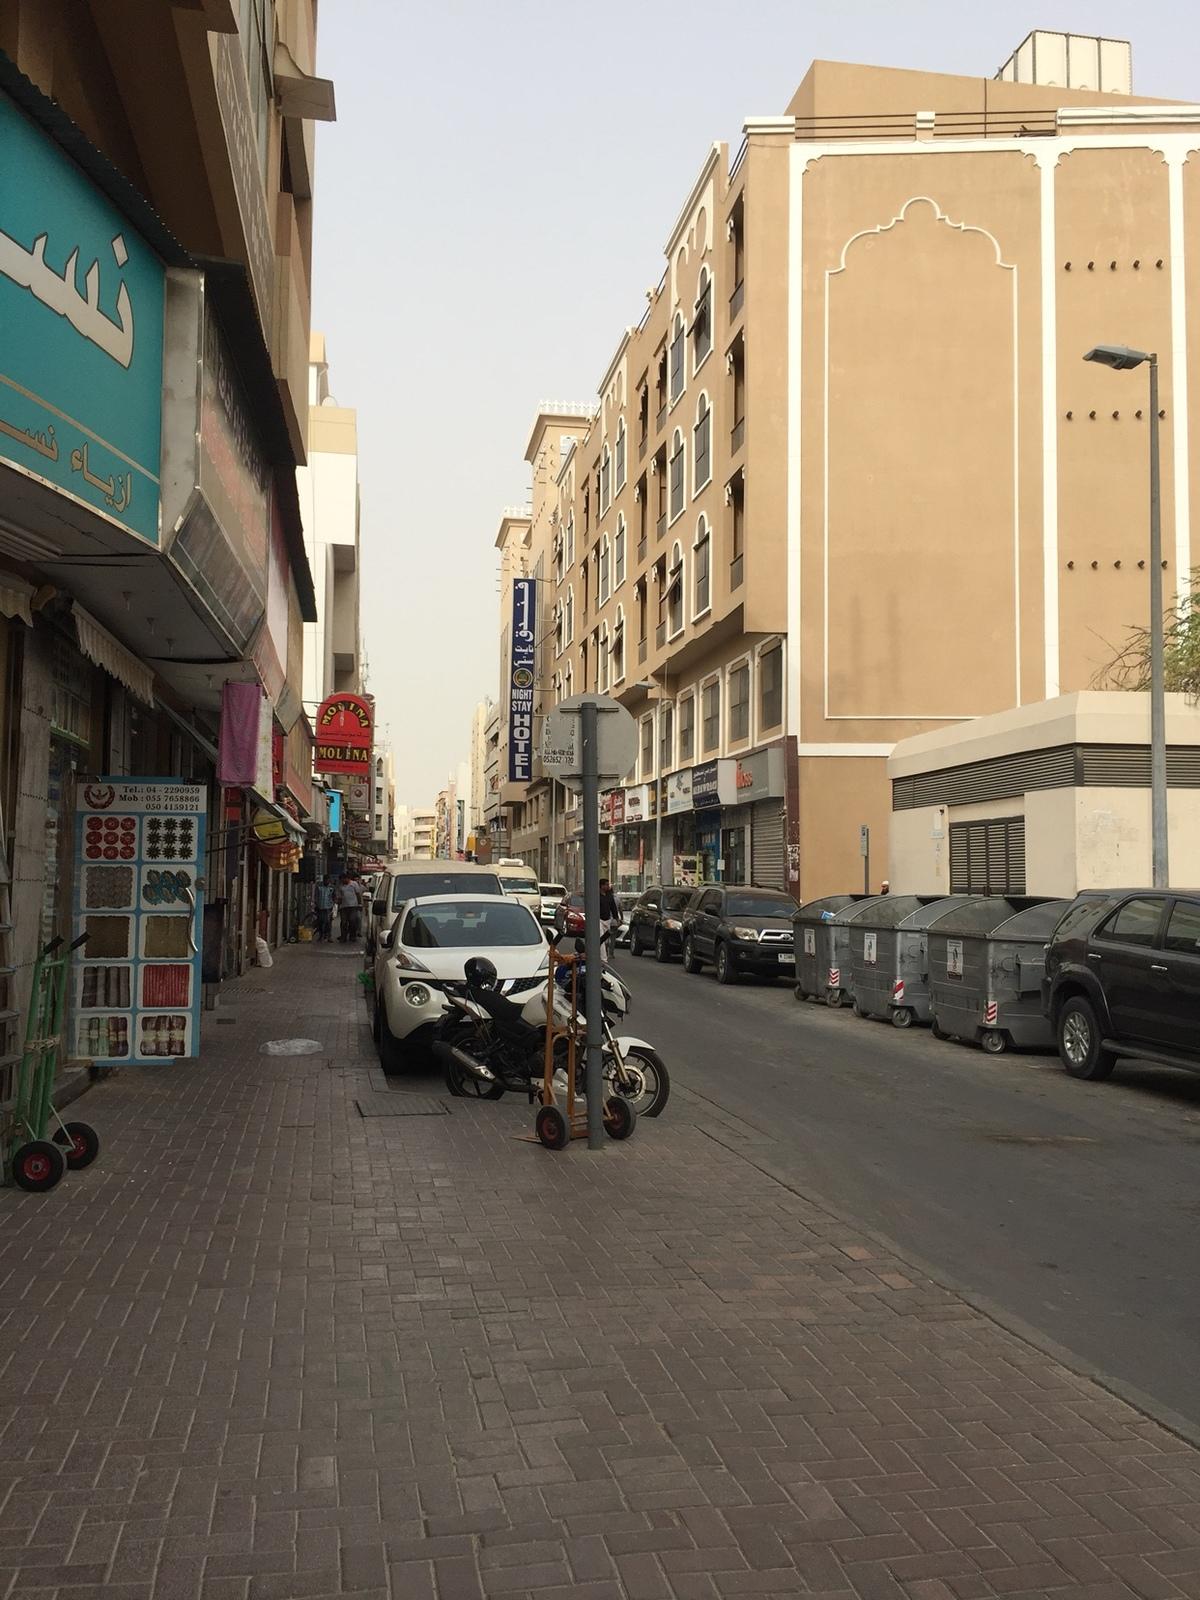 661654 المسافرون العرب دبي مدينة الجميرا